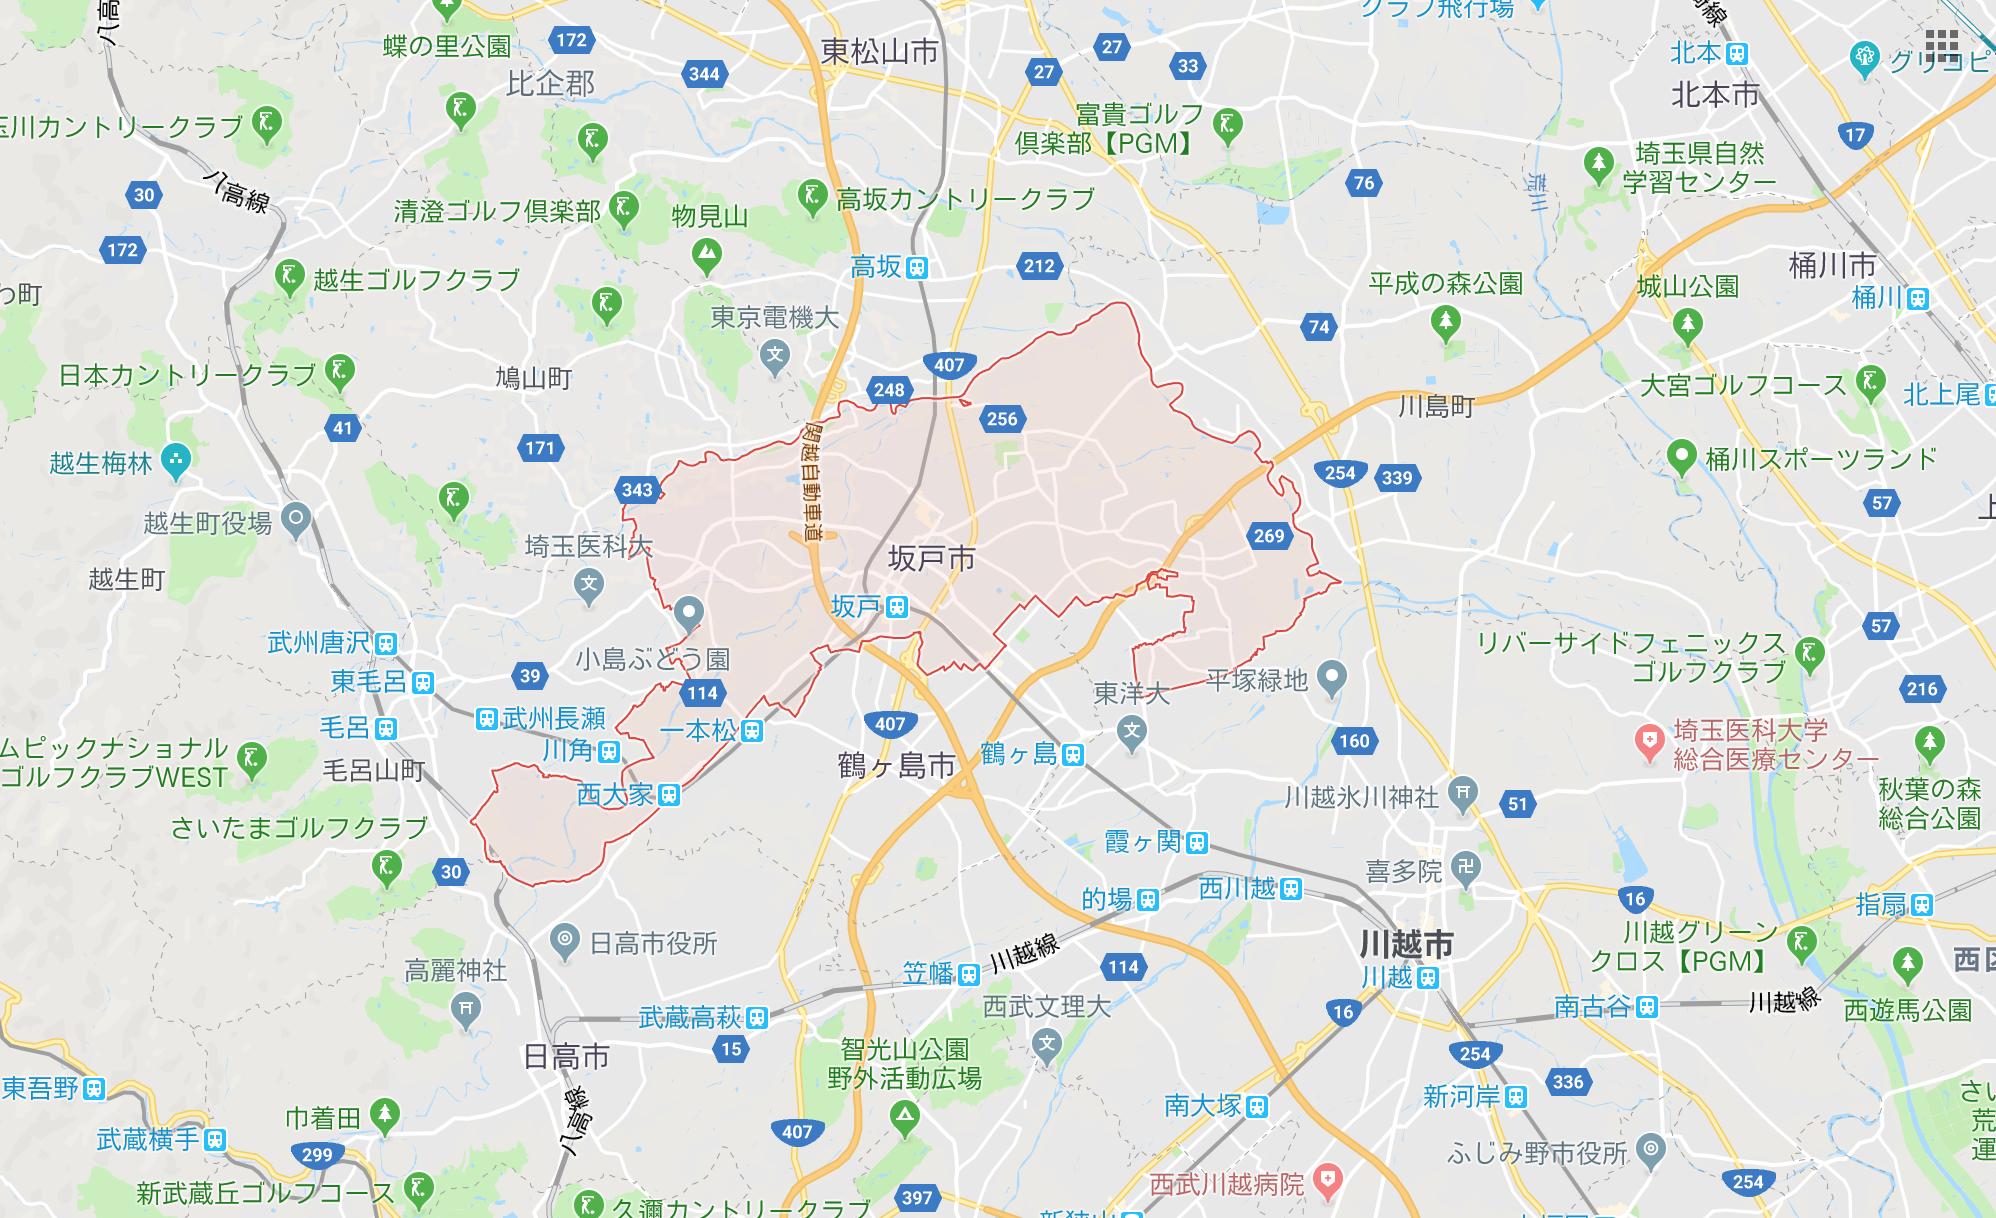 埼玉県坂戸市のGoogle Map